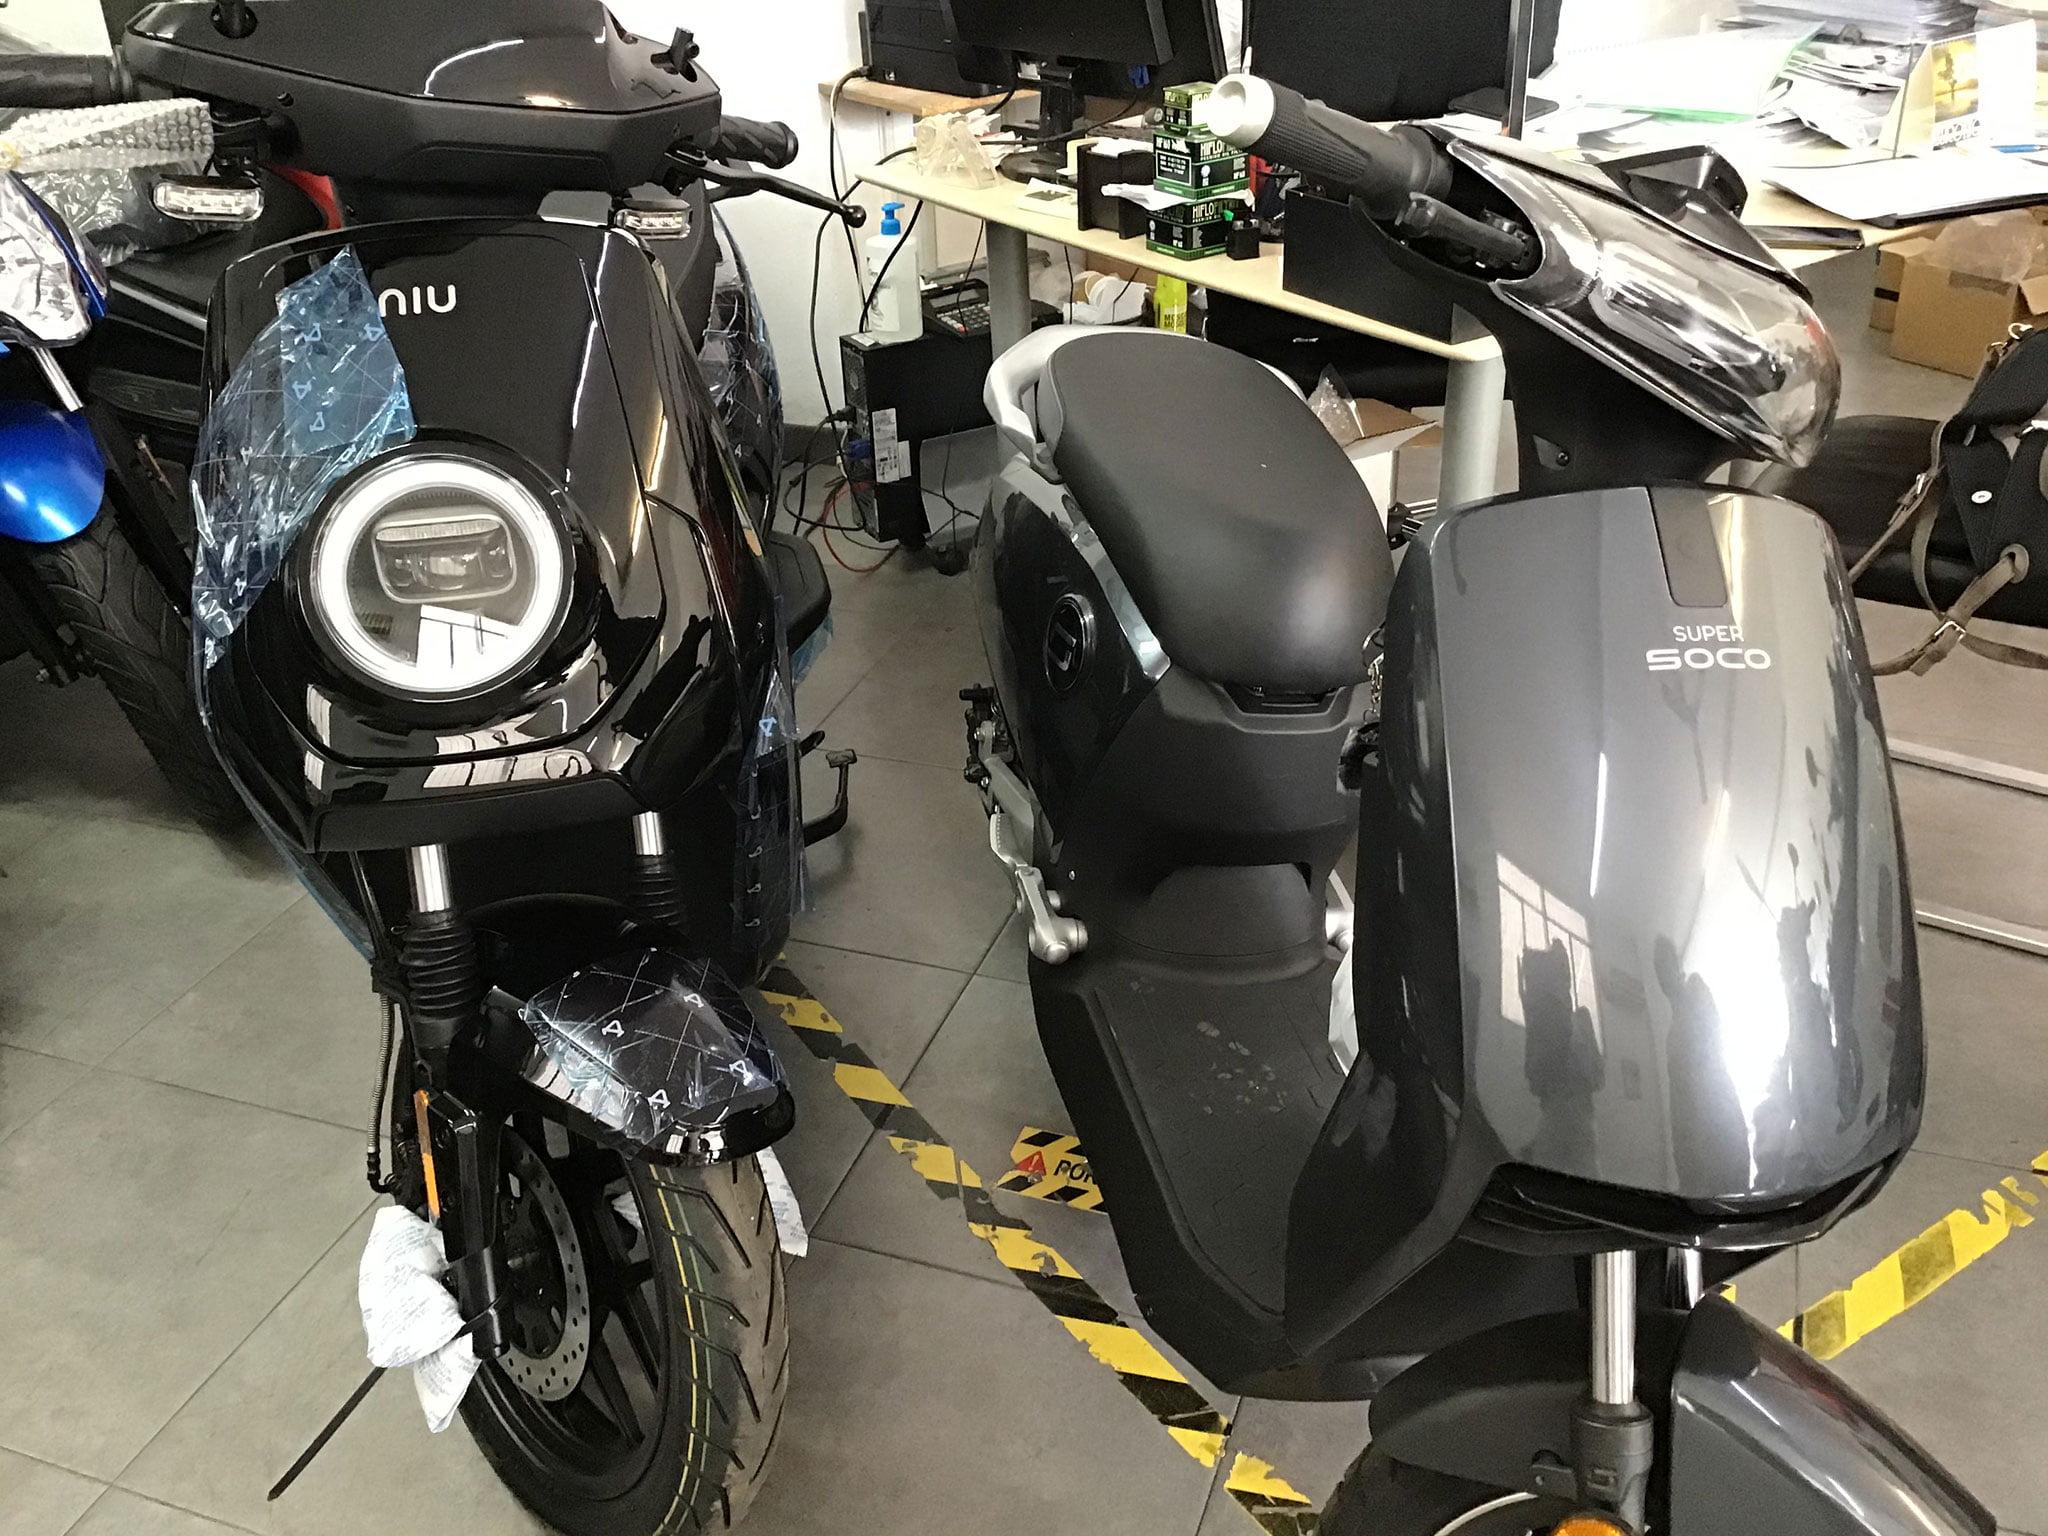 Motos eléctricas en Dénia – Paco's Motor